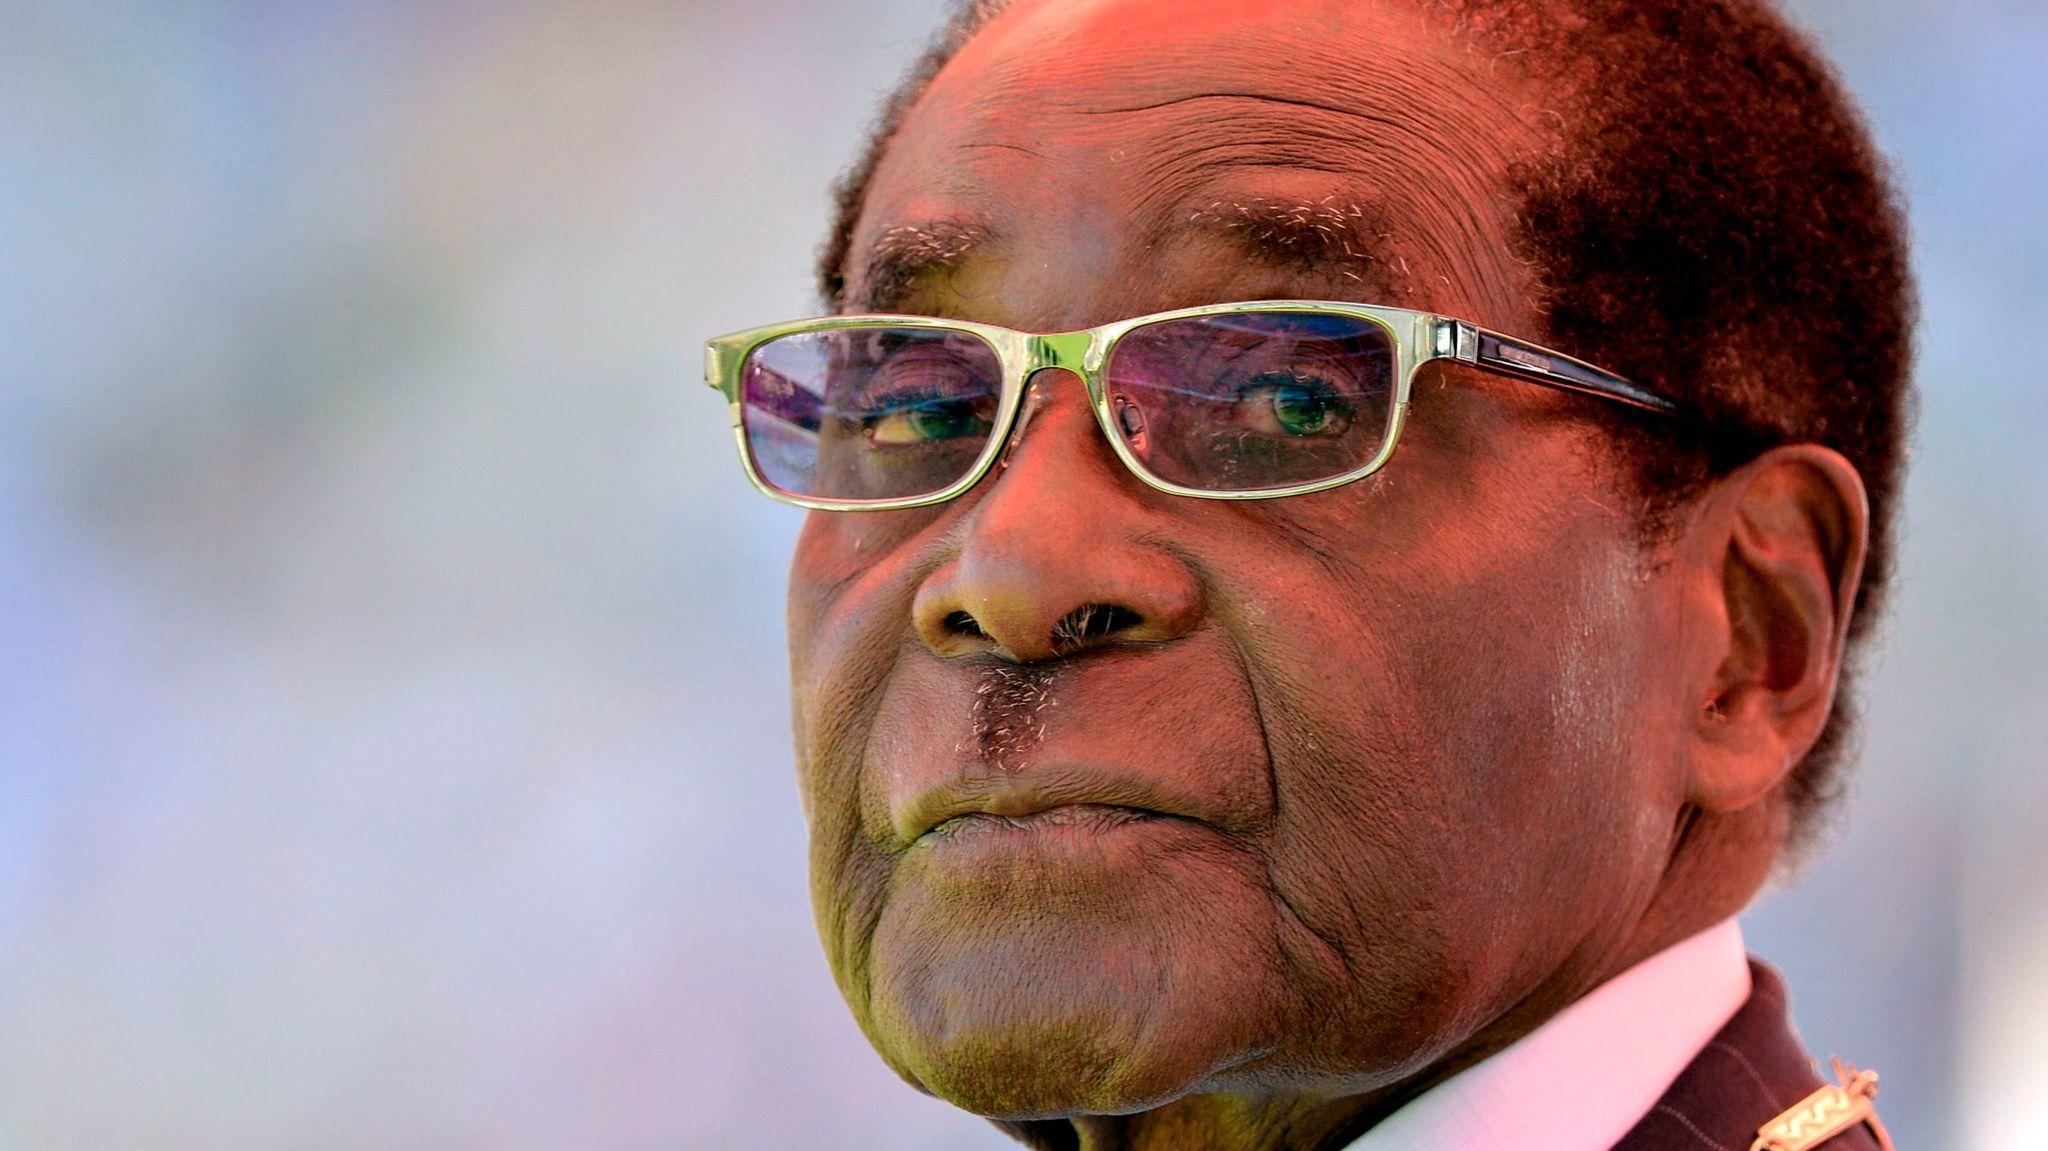 FILES-ZIMBABWE-POLITICS-MUGABE